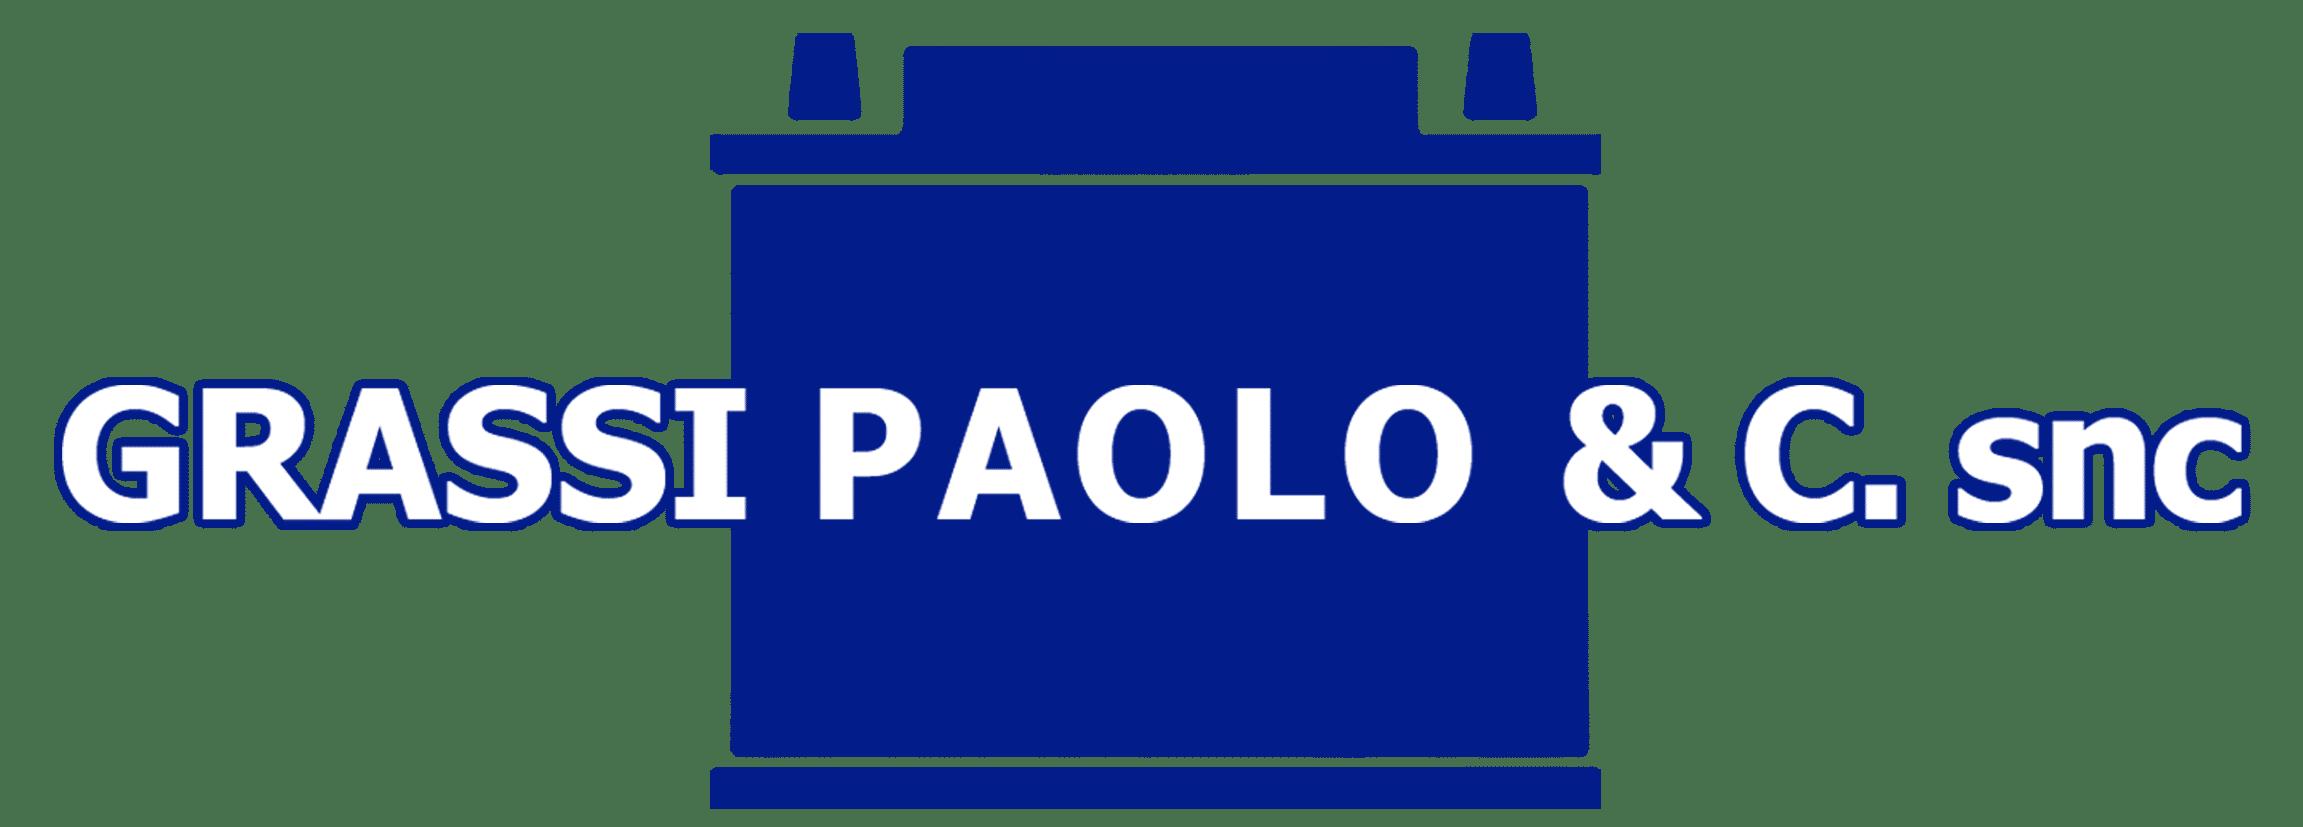 GRASSI PAOLO